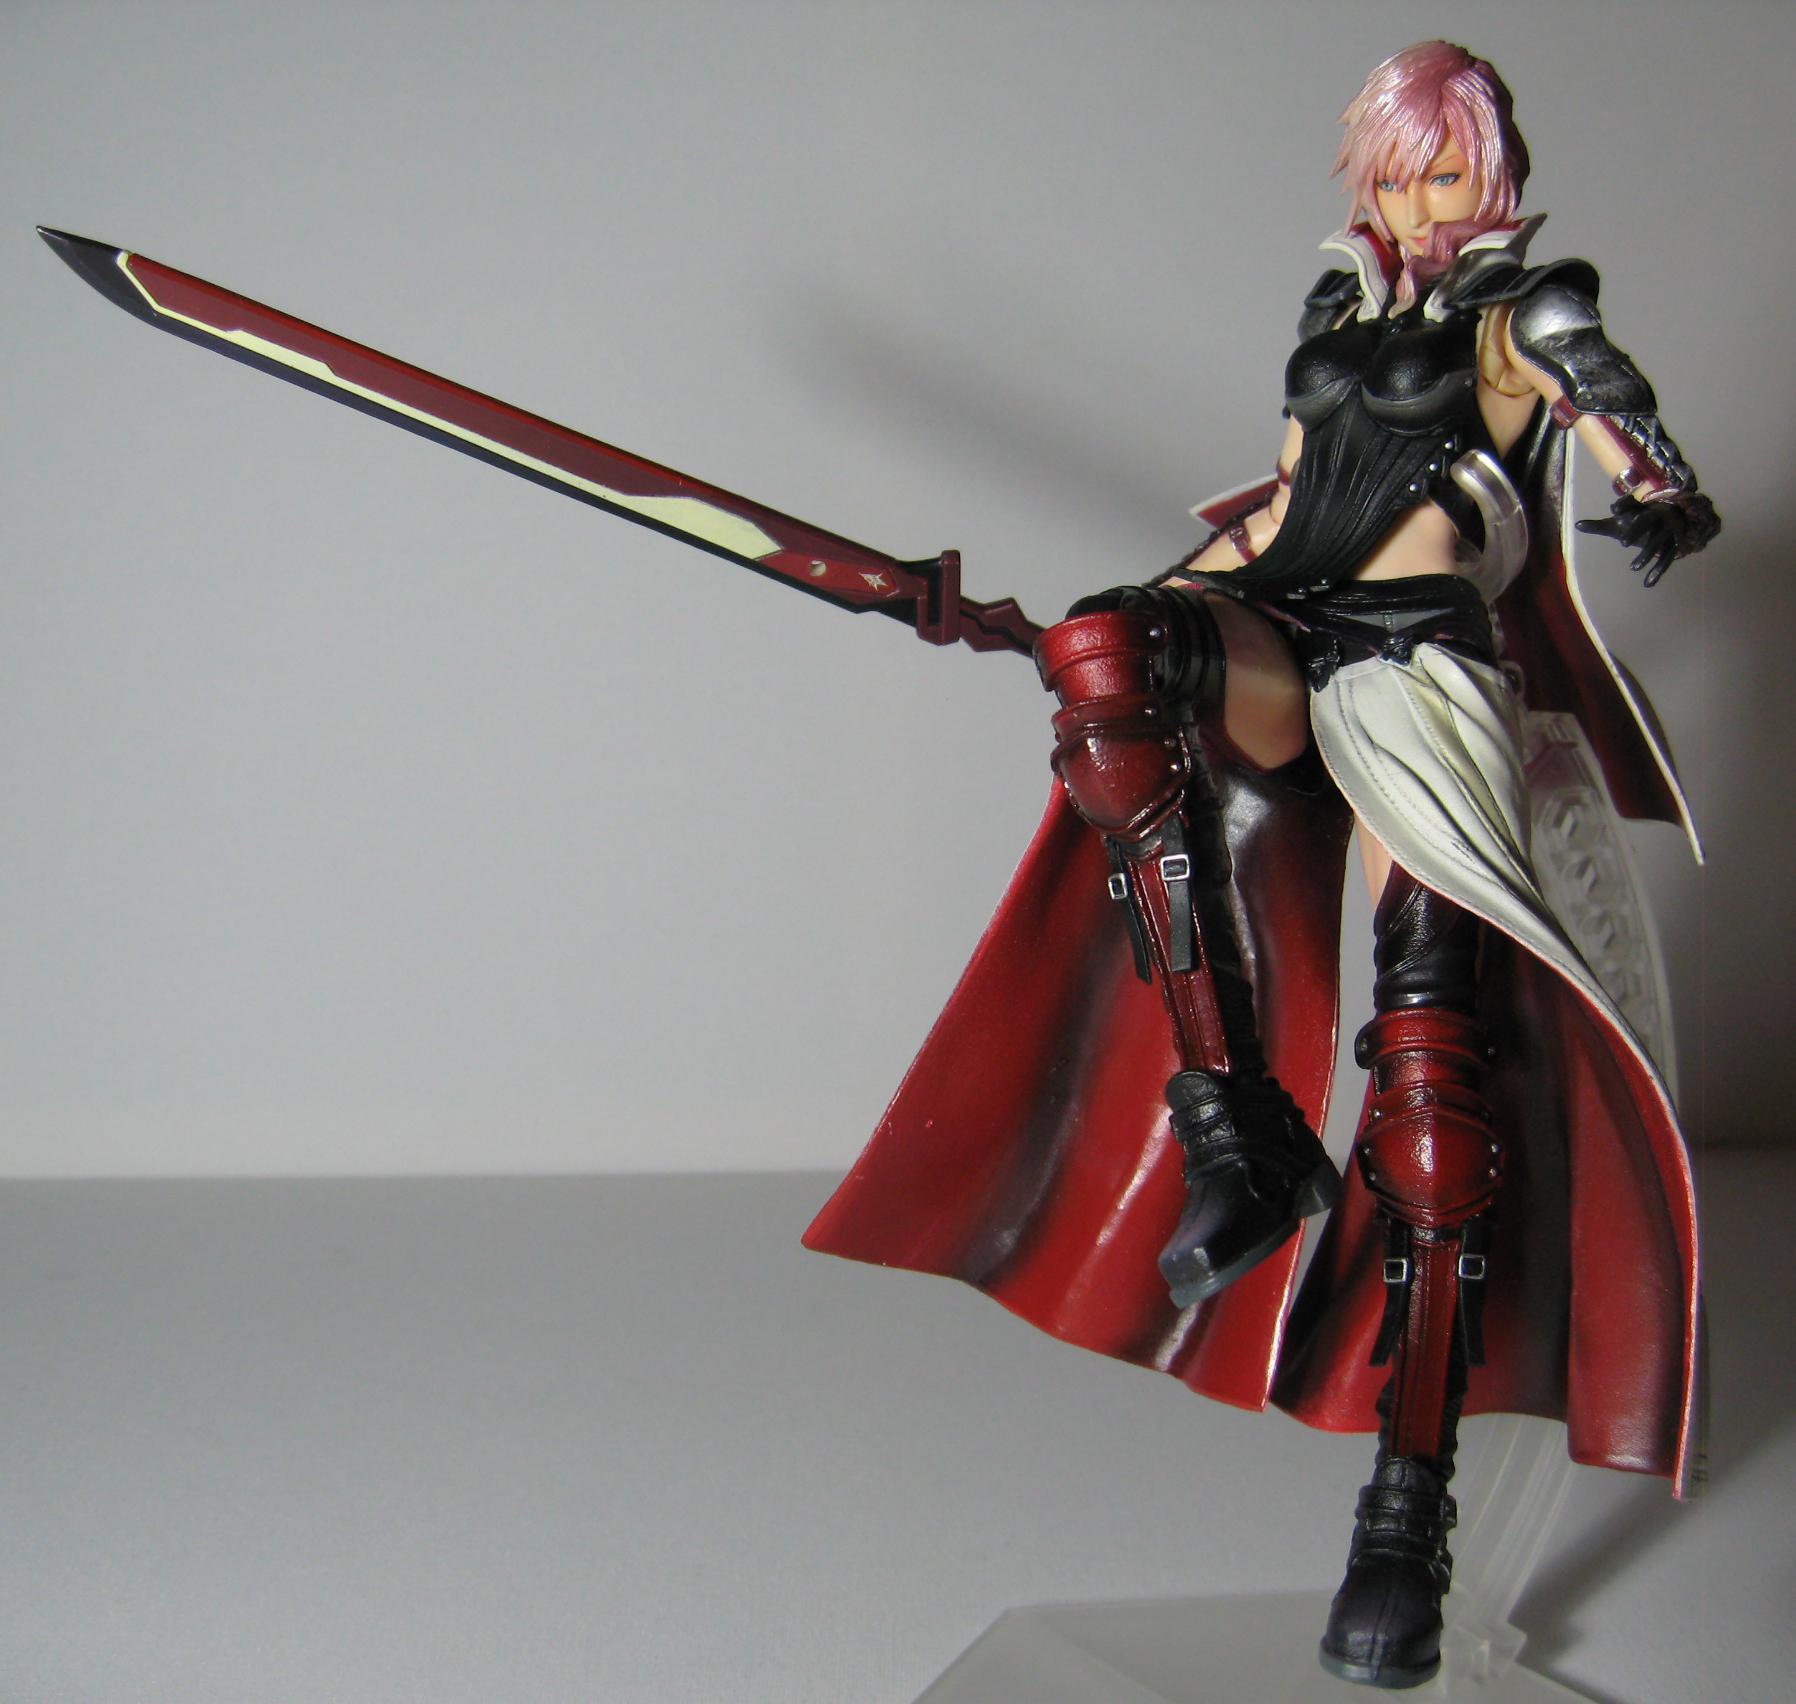 Lightning sex